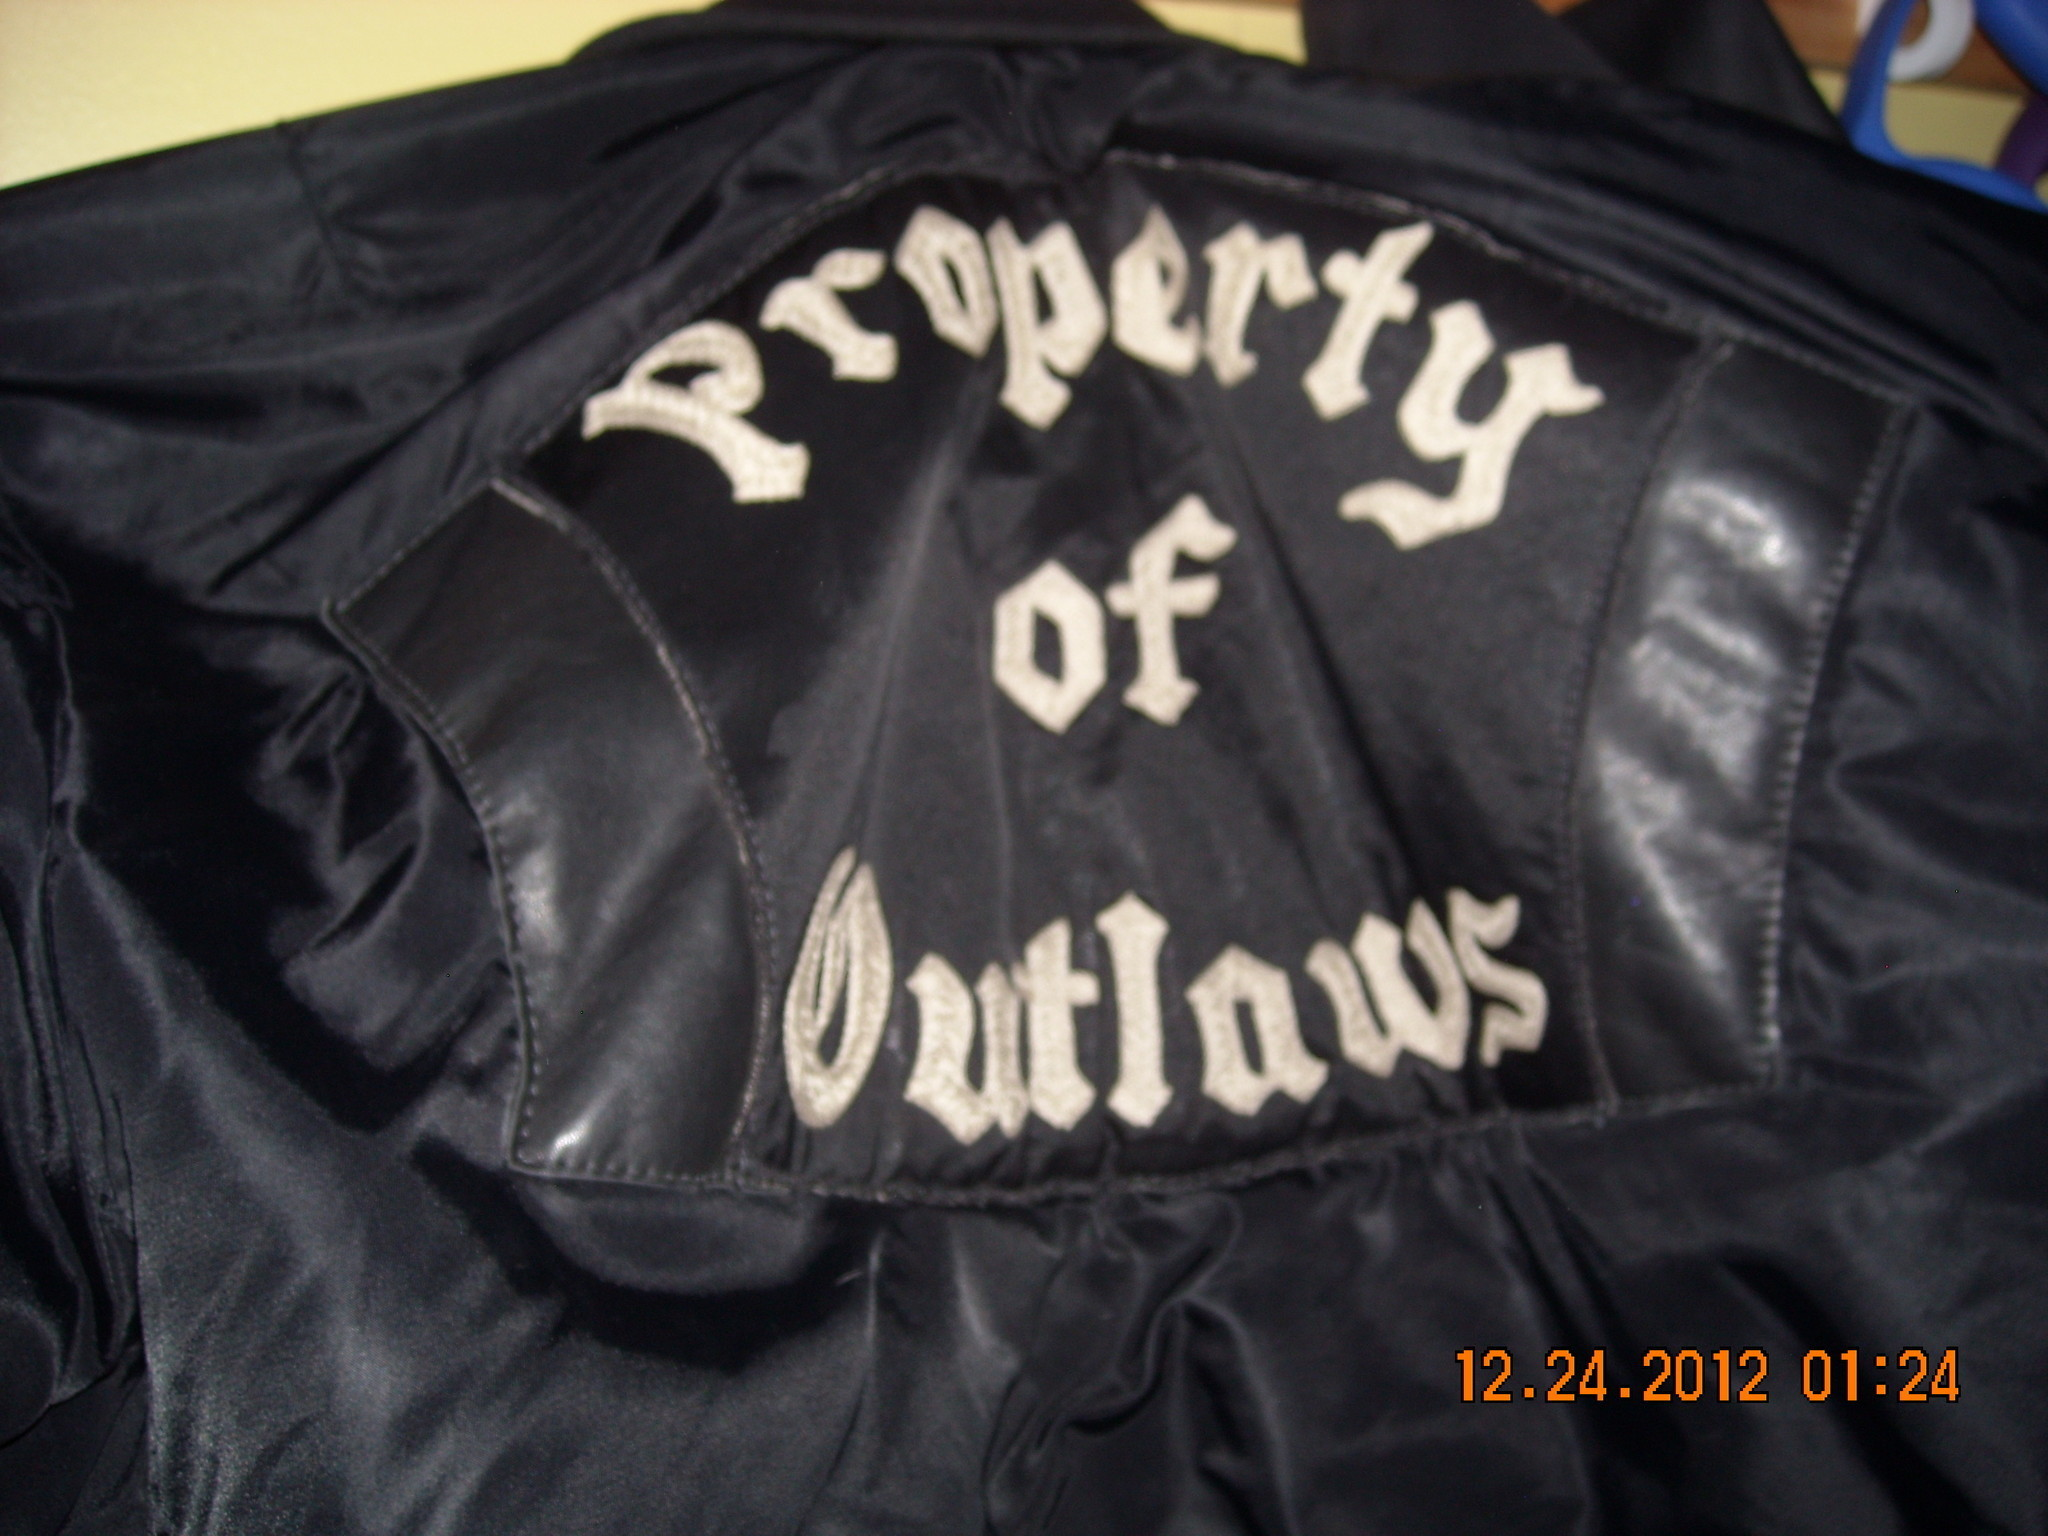 Res: 2048x1536, Judge says Outlaws biker group won't get vests, badges back after bar brawl  - Chicago Tribune